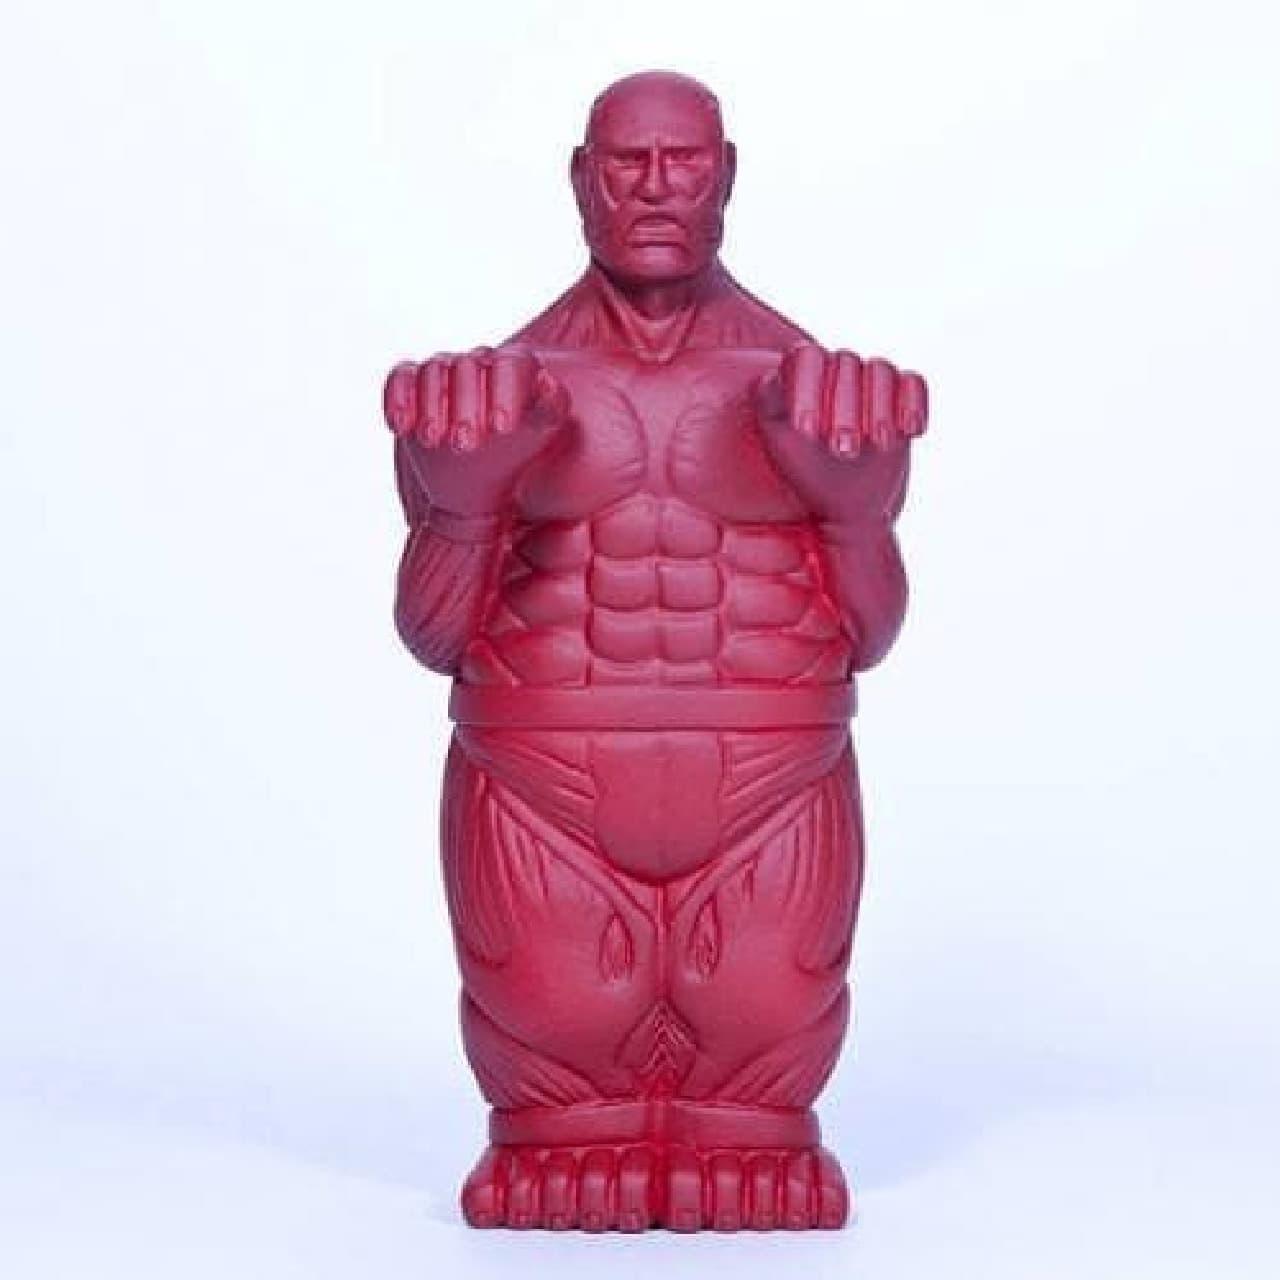 全身からお茶を噴出する特異体質の巨人「超大型巨人の茶こし」